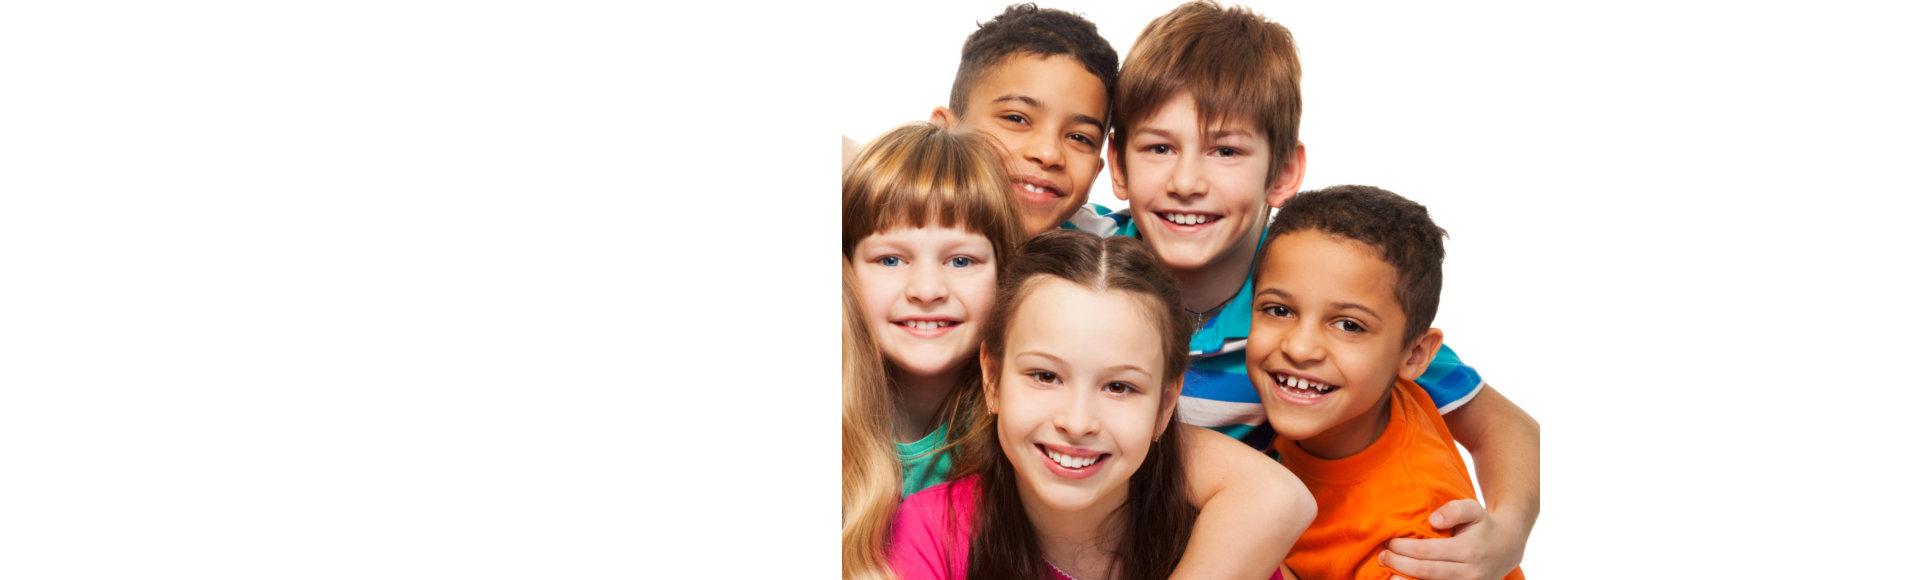 caucasian children